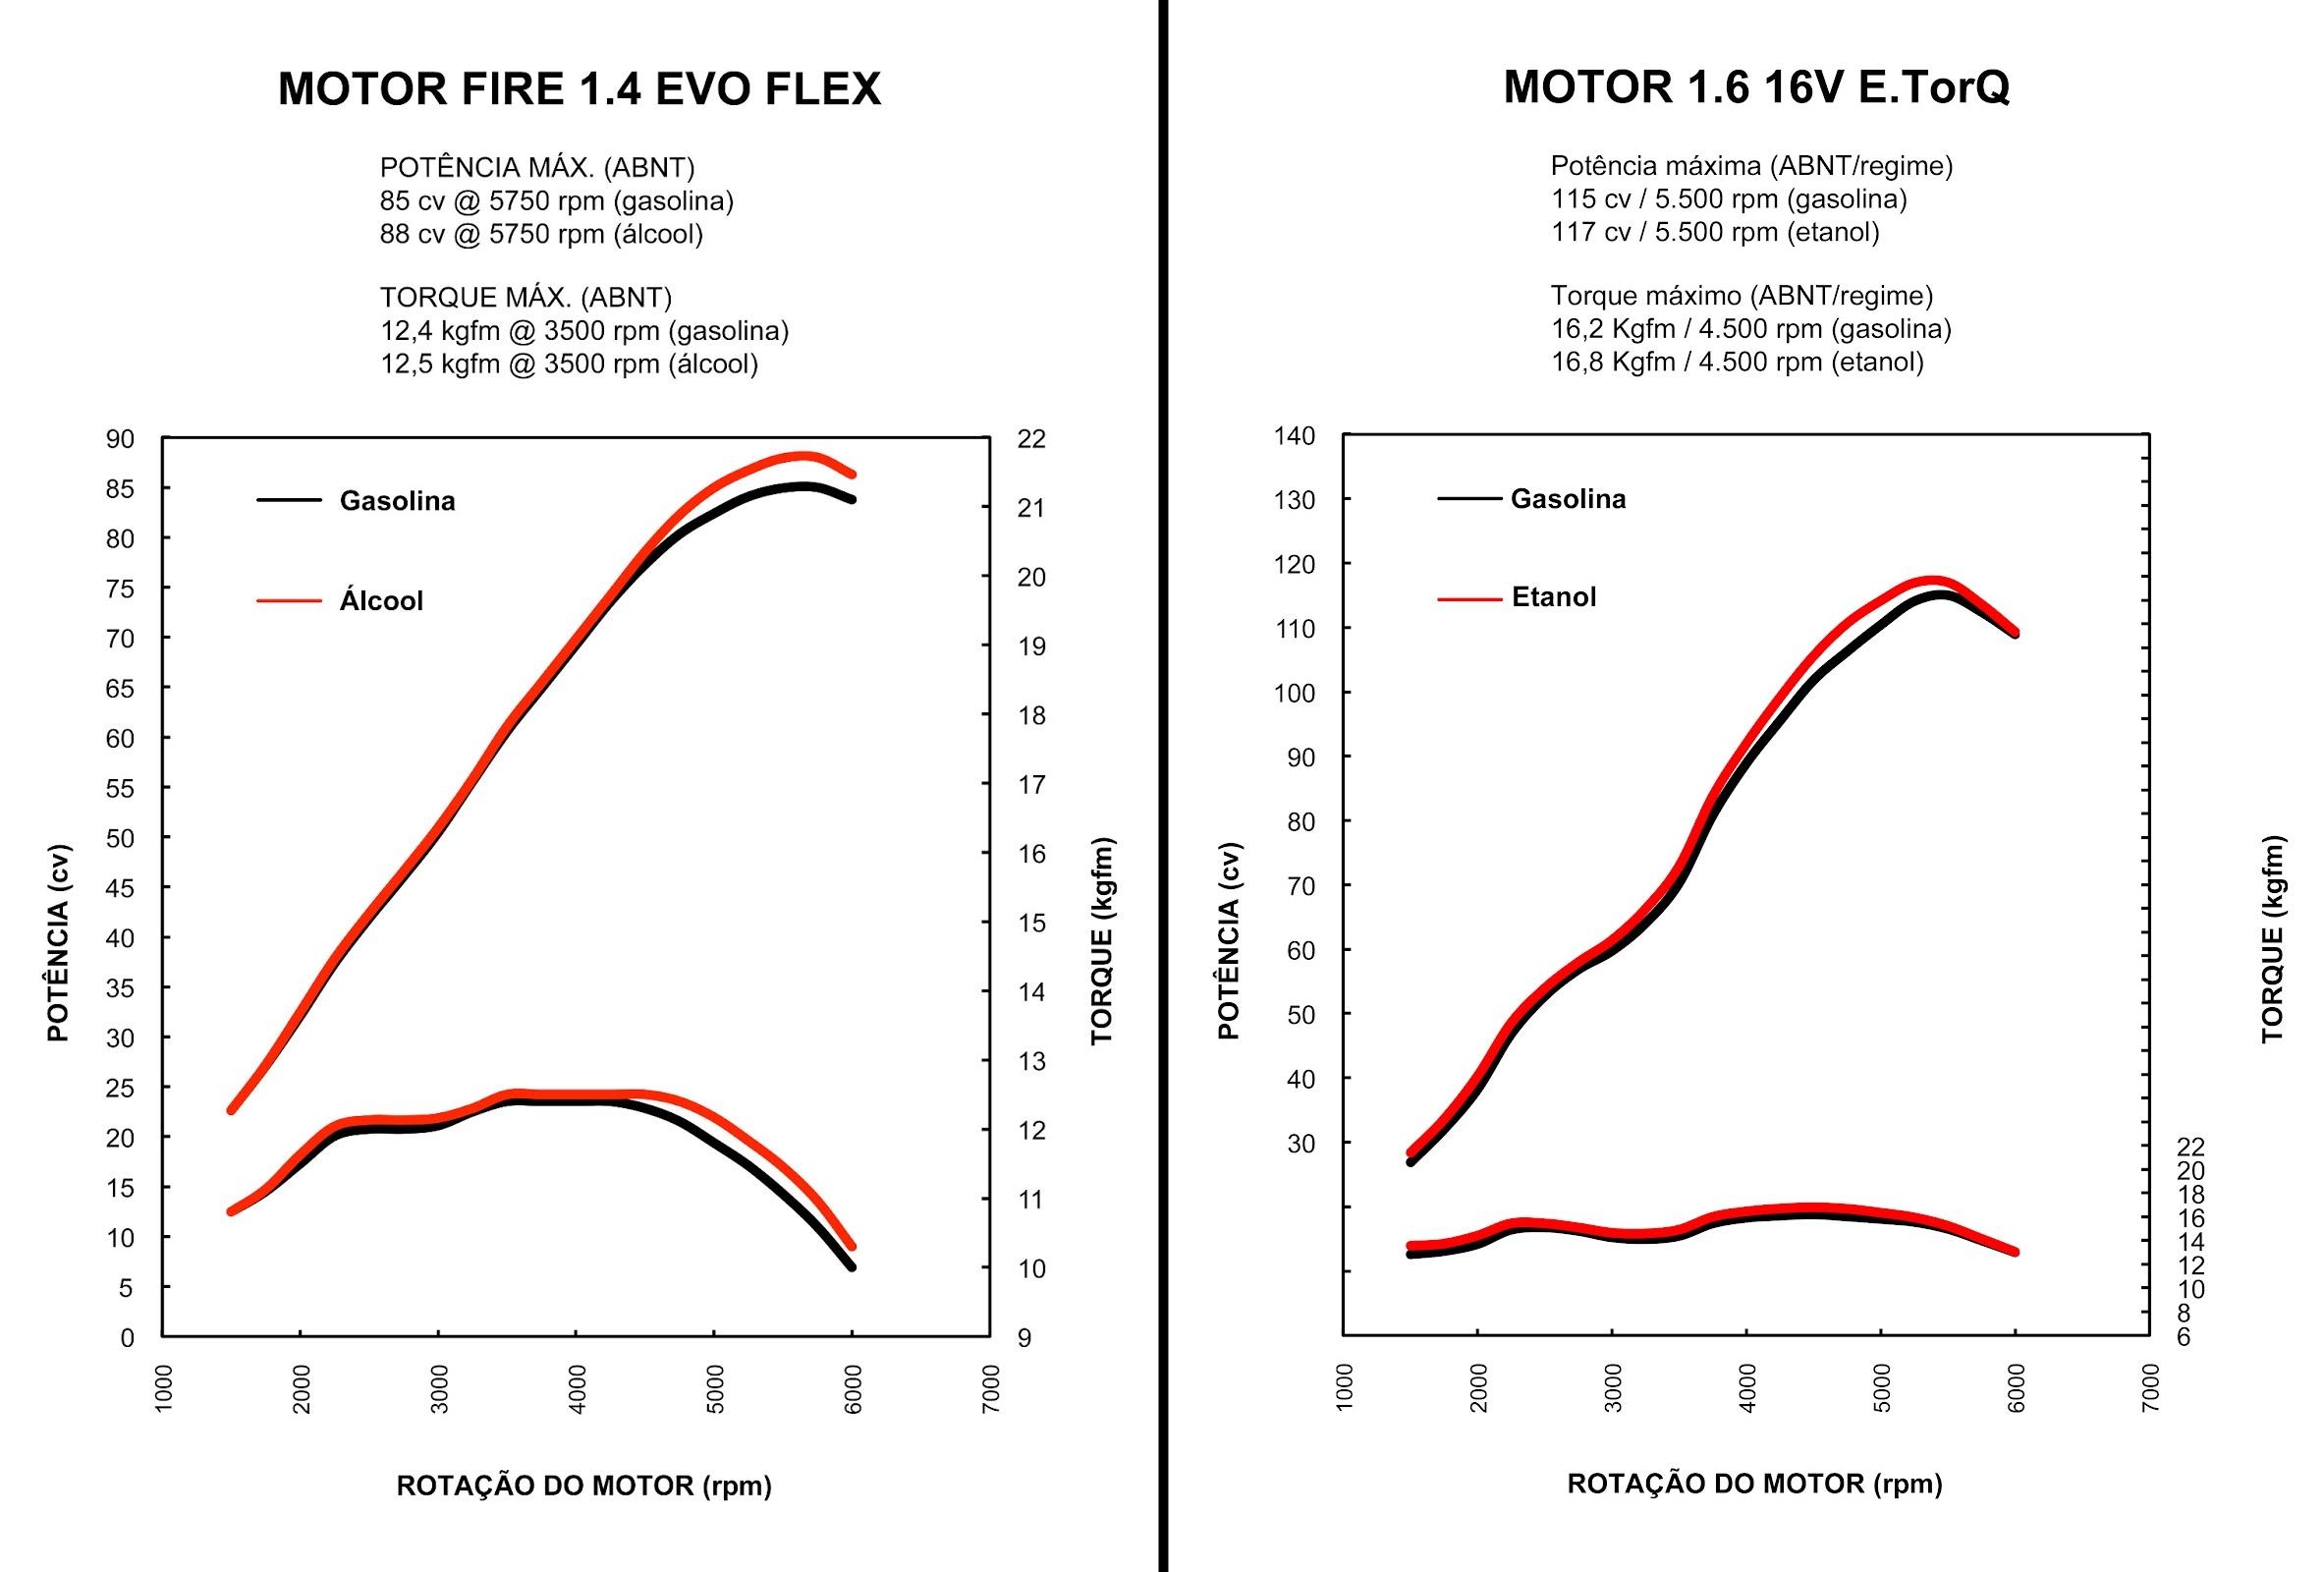 Curva de torque dos motores 1.4 Evo e 1.6 E.TorQ